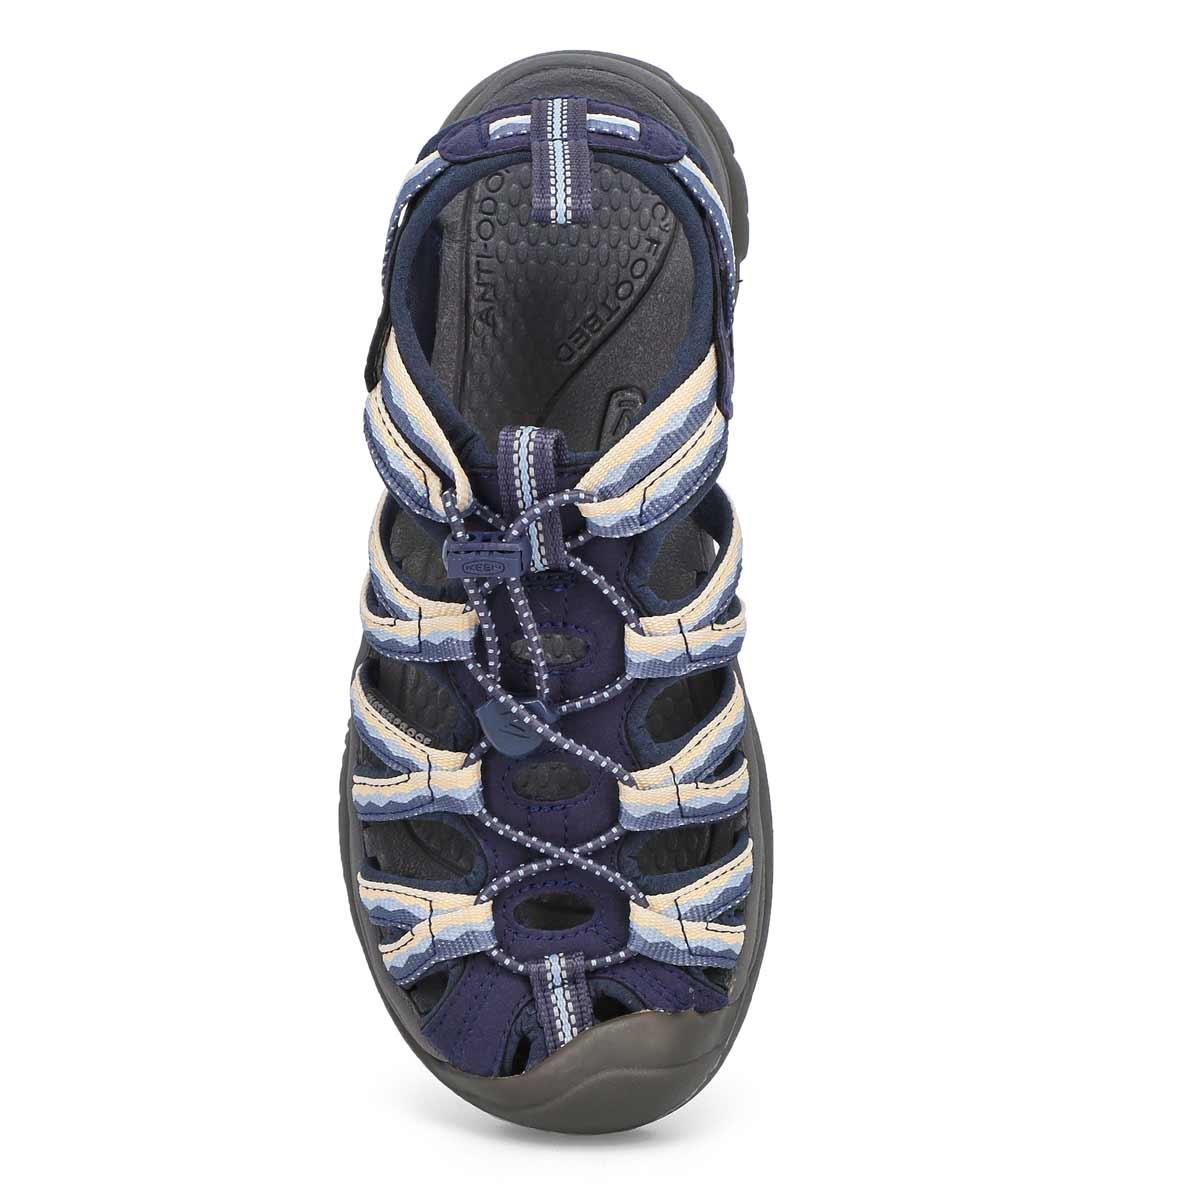 Women's Whisper Sport Sandal - Navy/Blue Fog